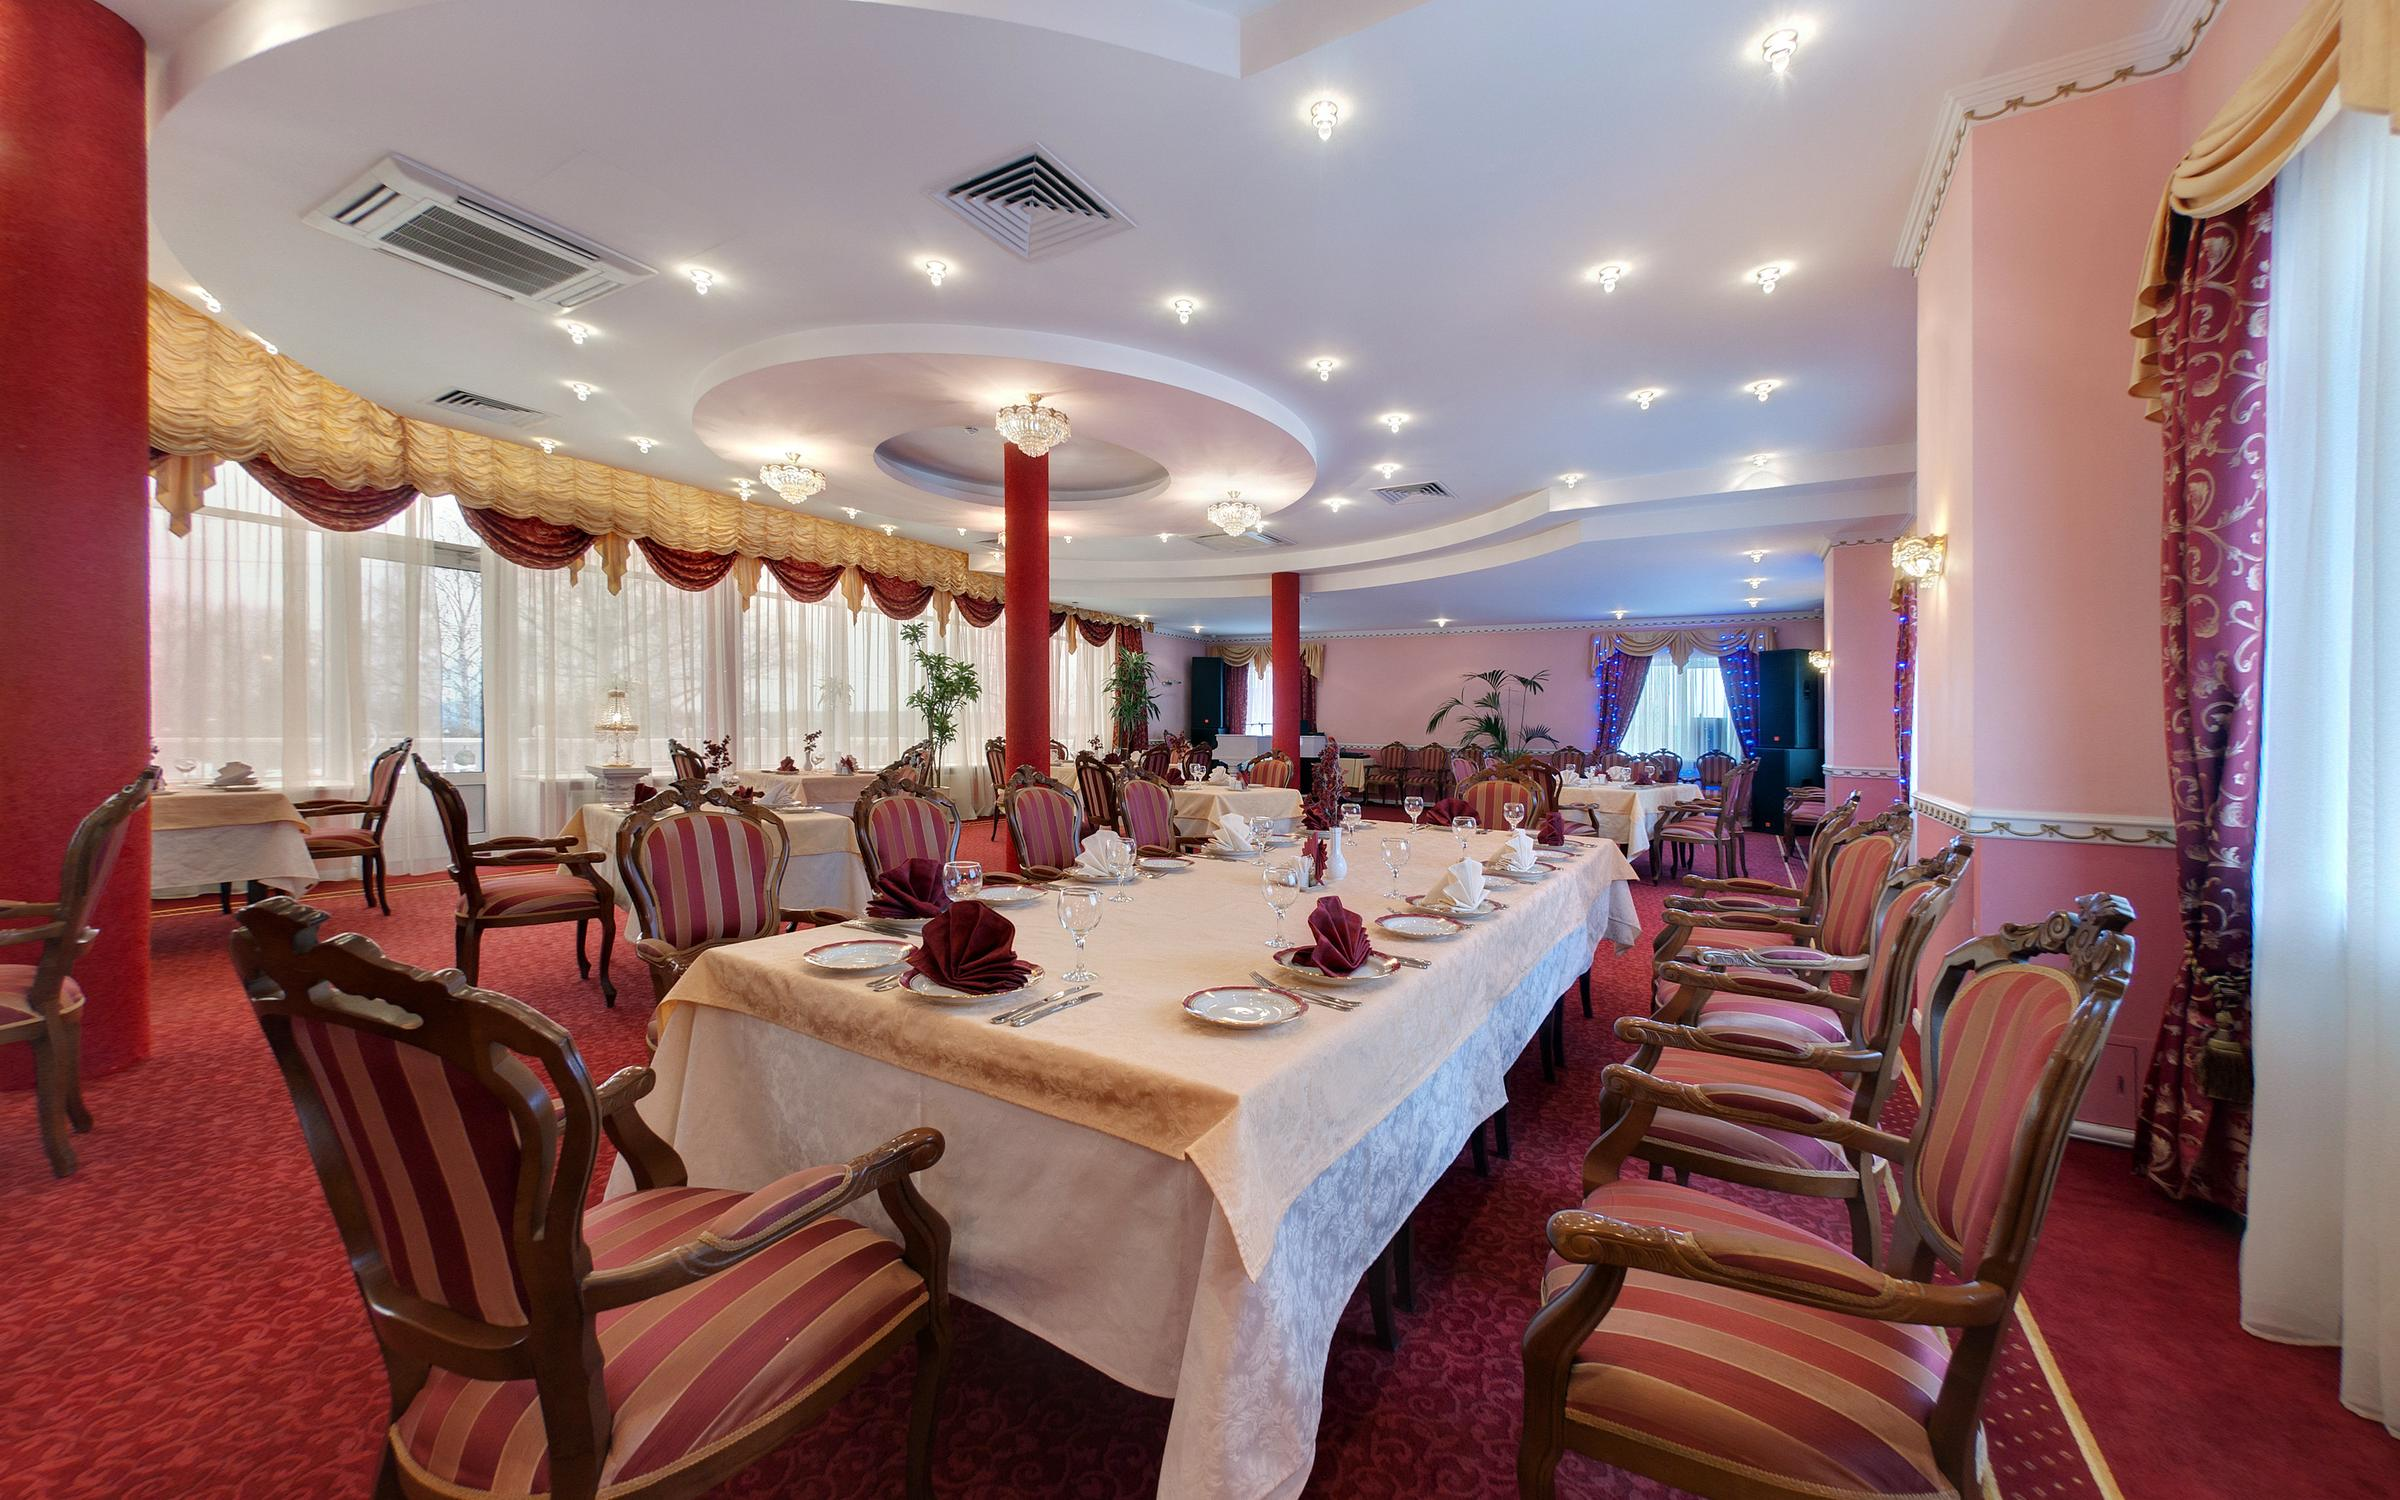 фотография Ресторана Подмосковные вечера в ТРК Барыши в Щербинке